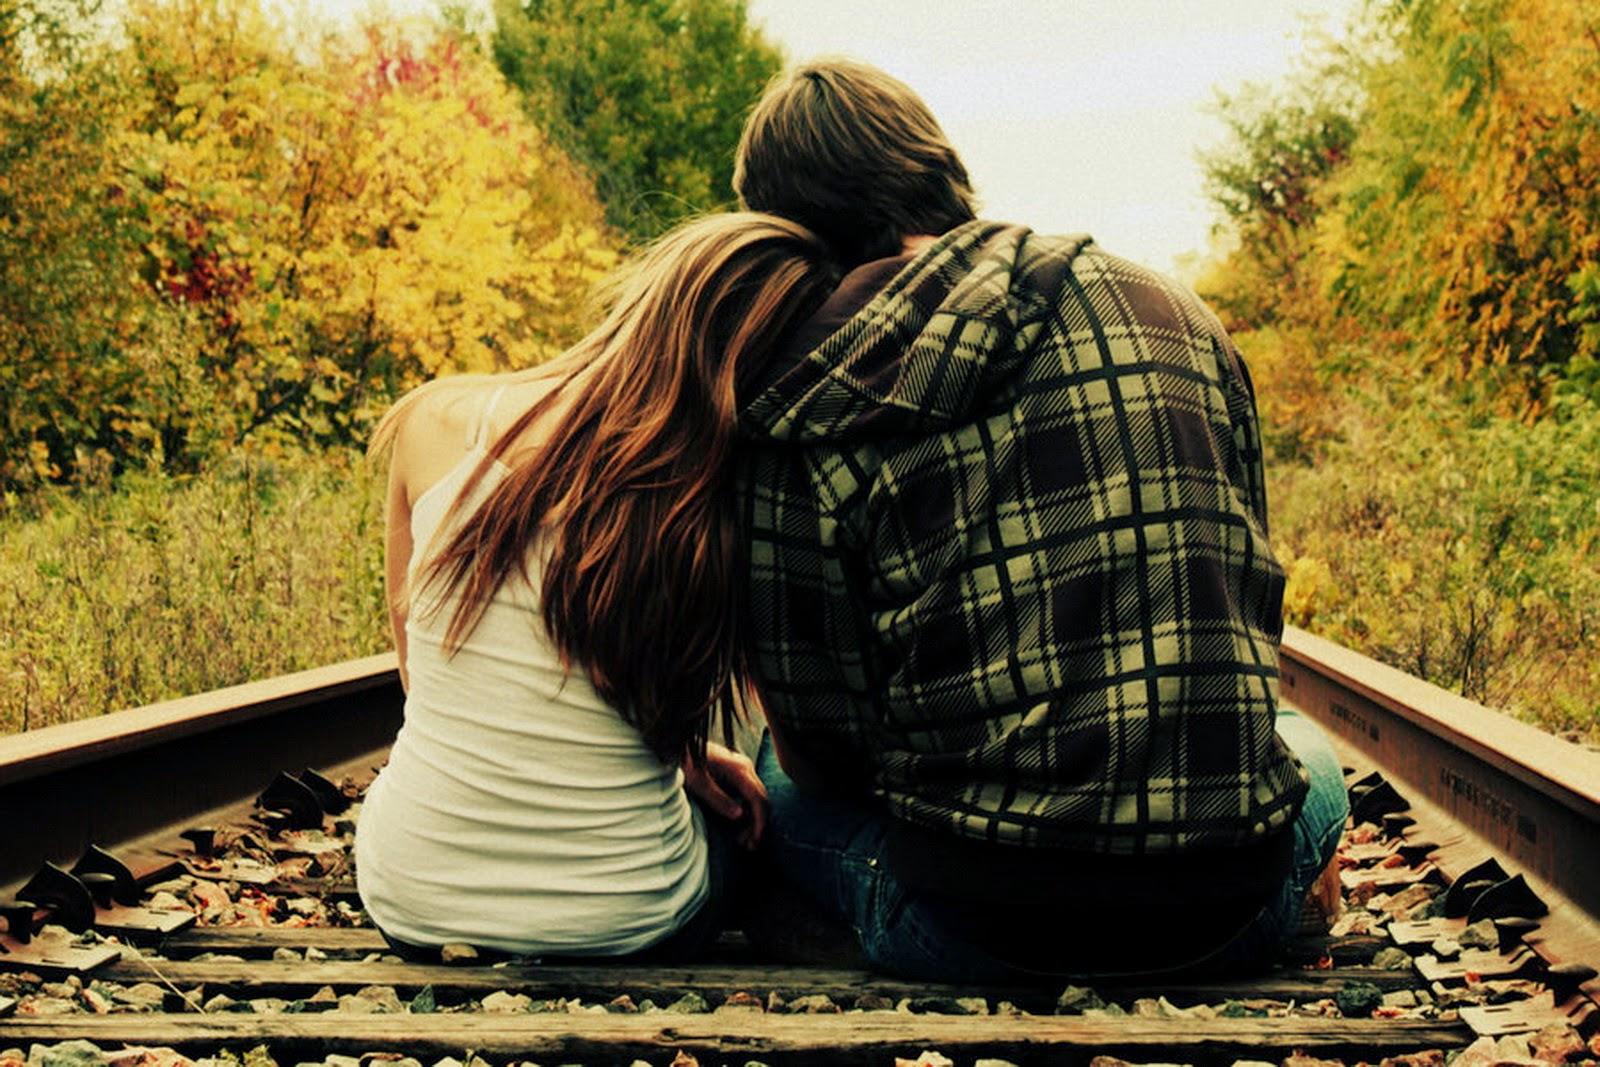 Reflexões sobre o Amor - Um Asno